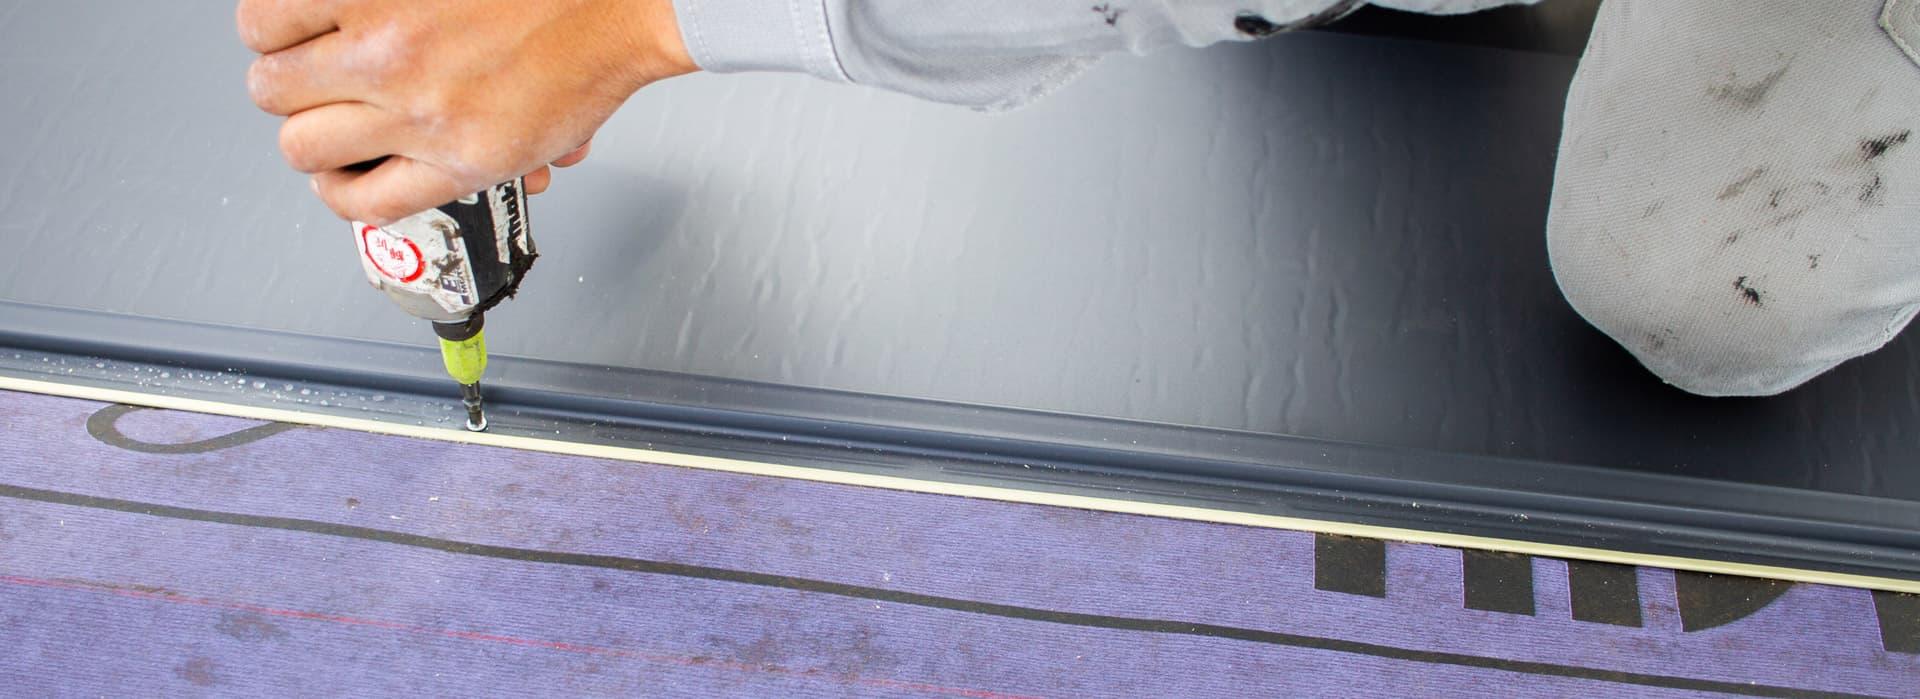 大阪の屋根工事・雨漏り修理・雨樋工事業者|輝匠建業の大阪の屋根工事・葺き替え工事・建築板金工事にて輝匠建業がおすすめする屋根材